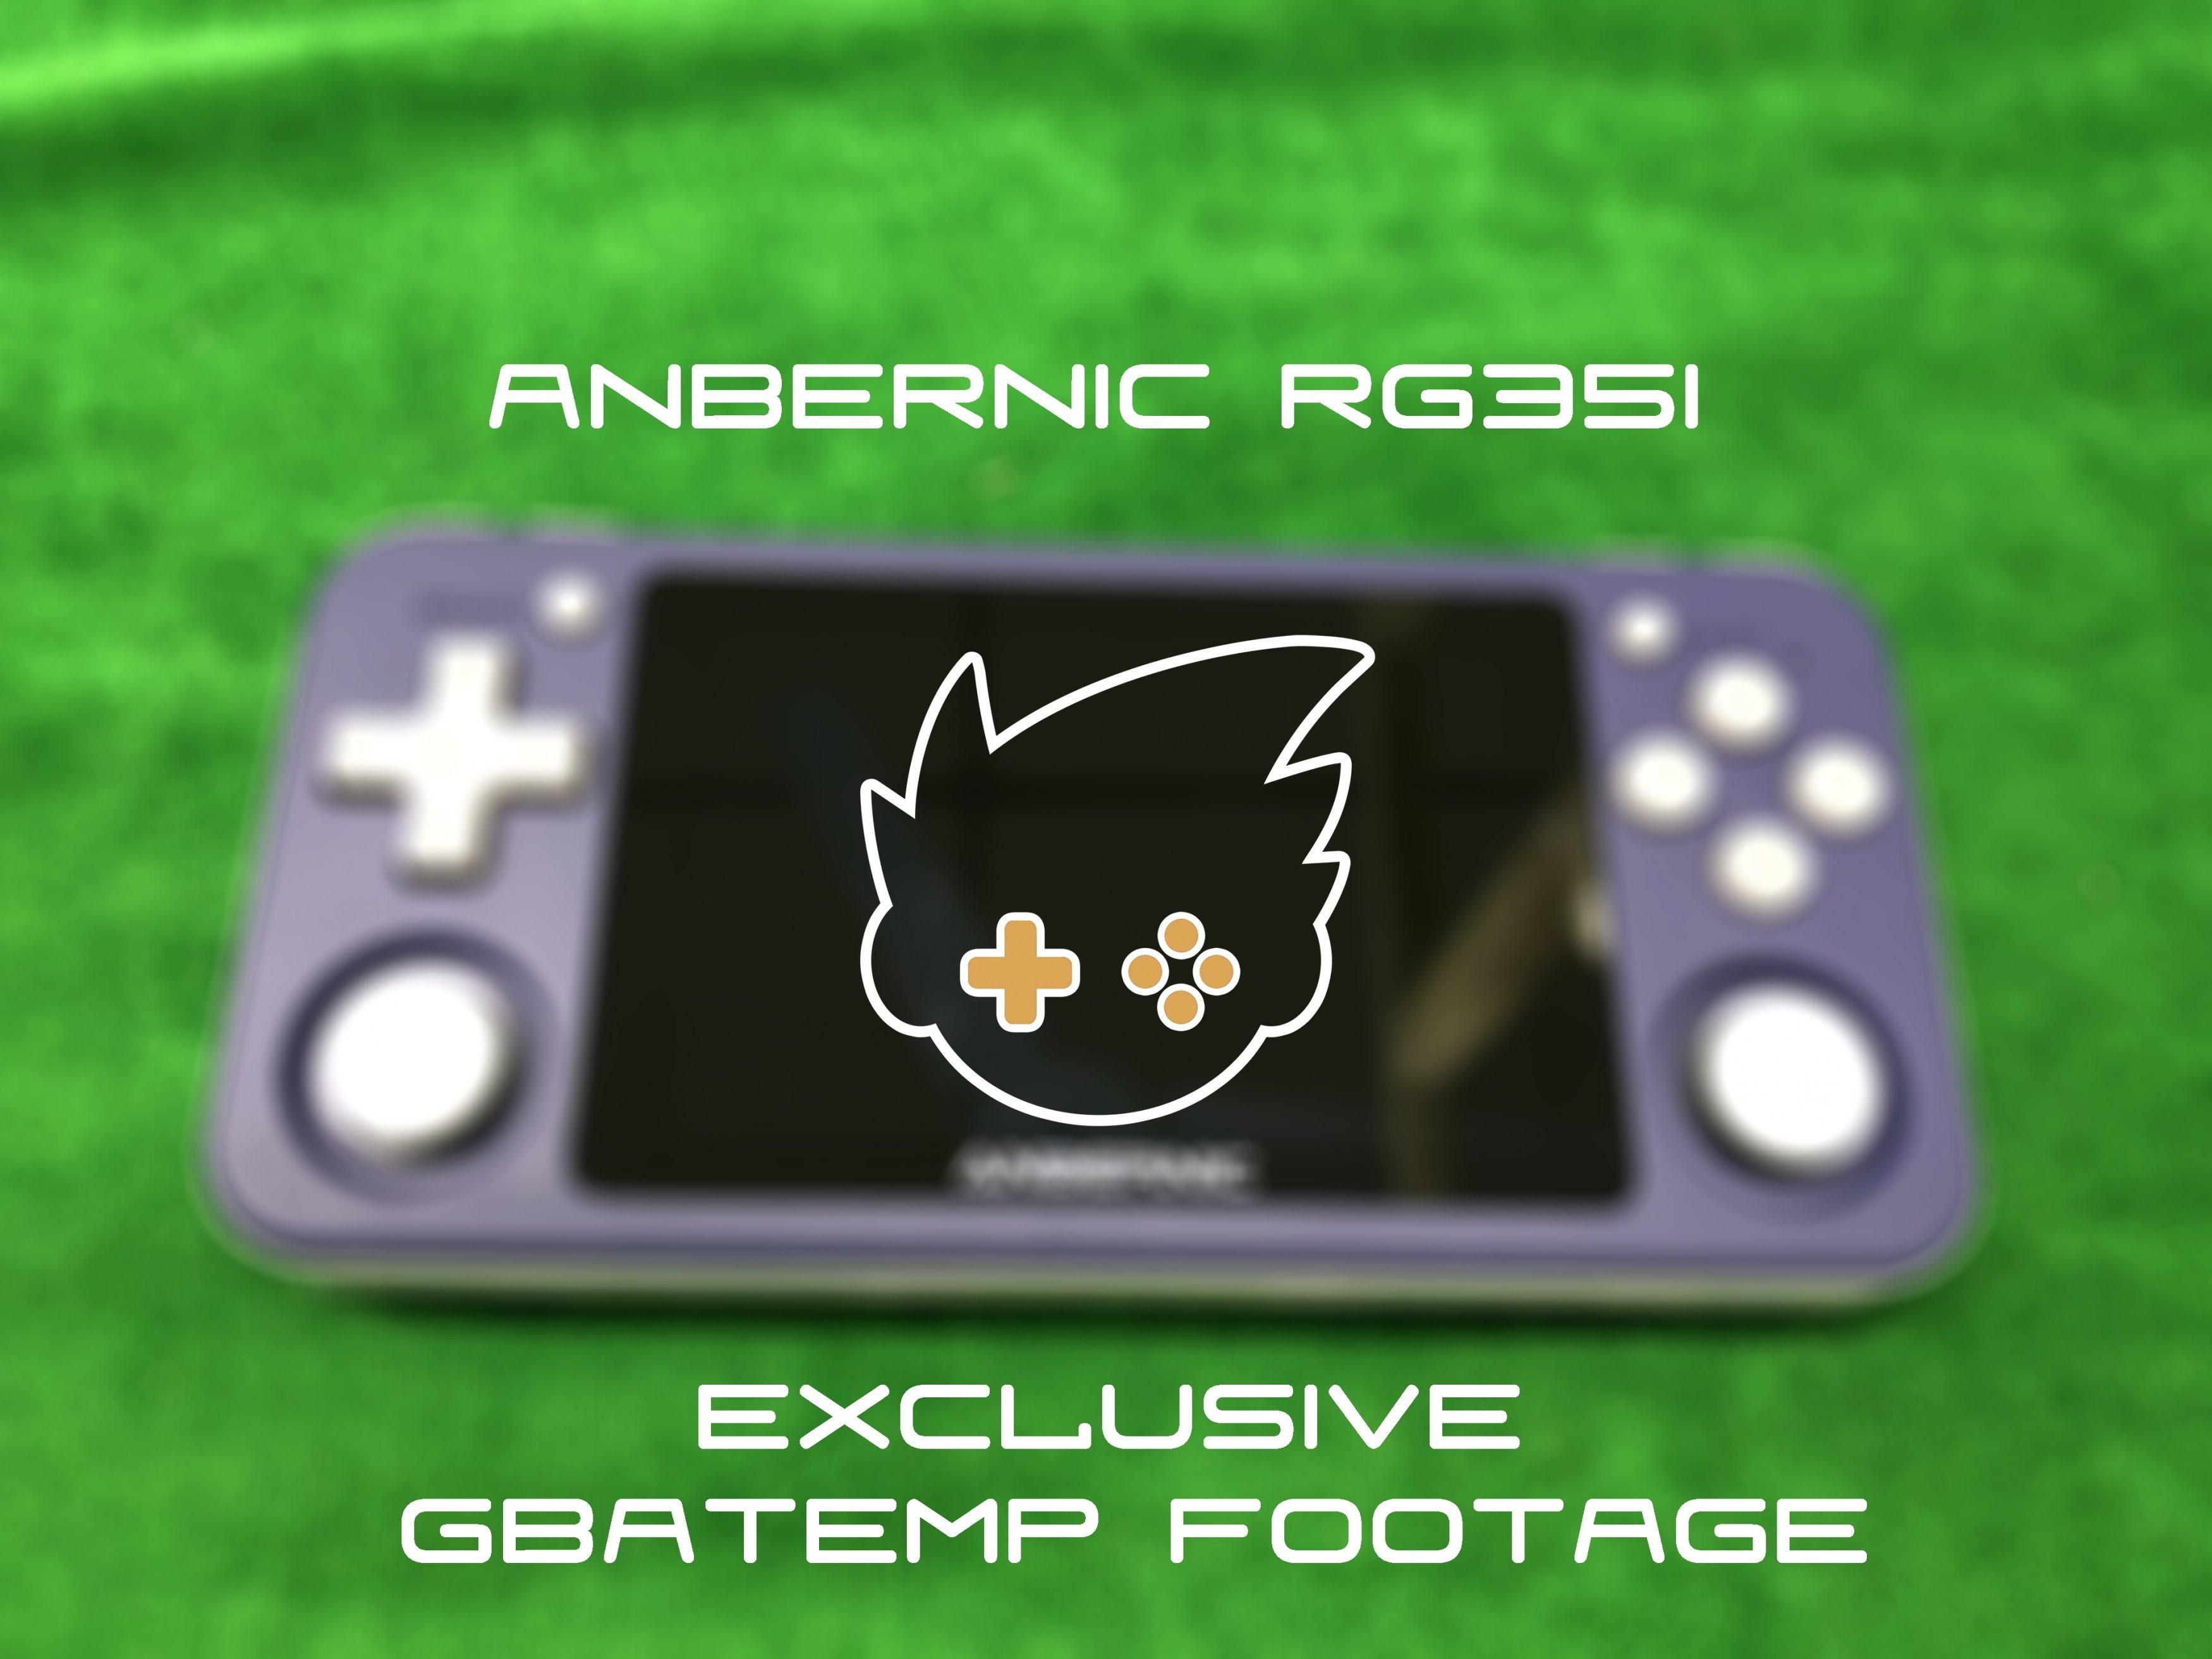 rg351 exclusive banner.jpg